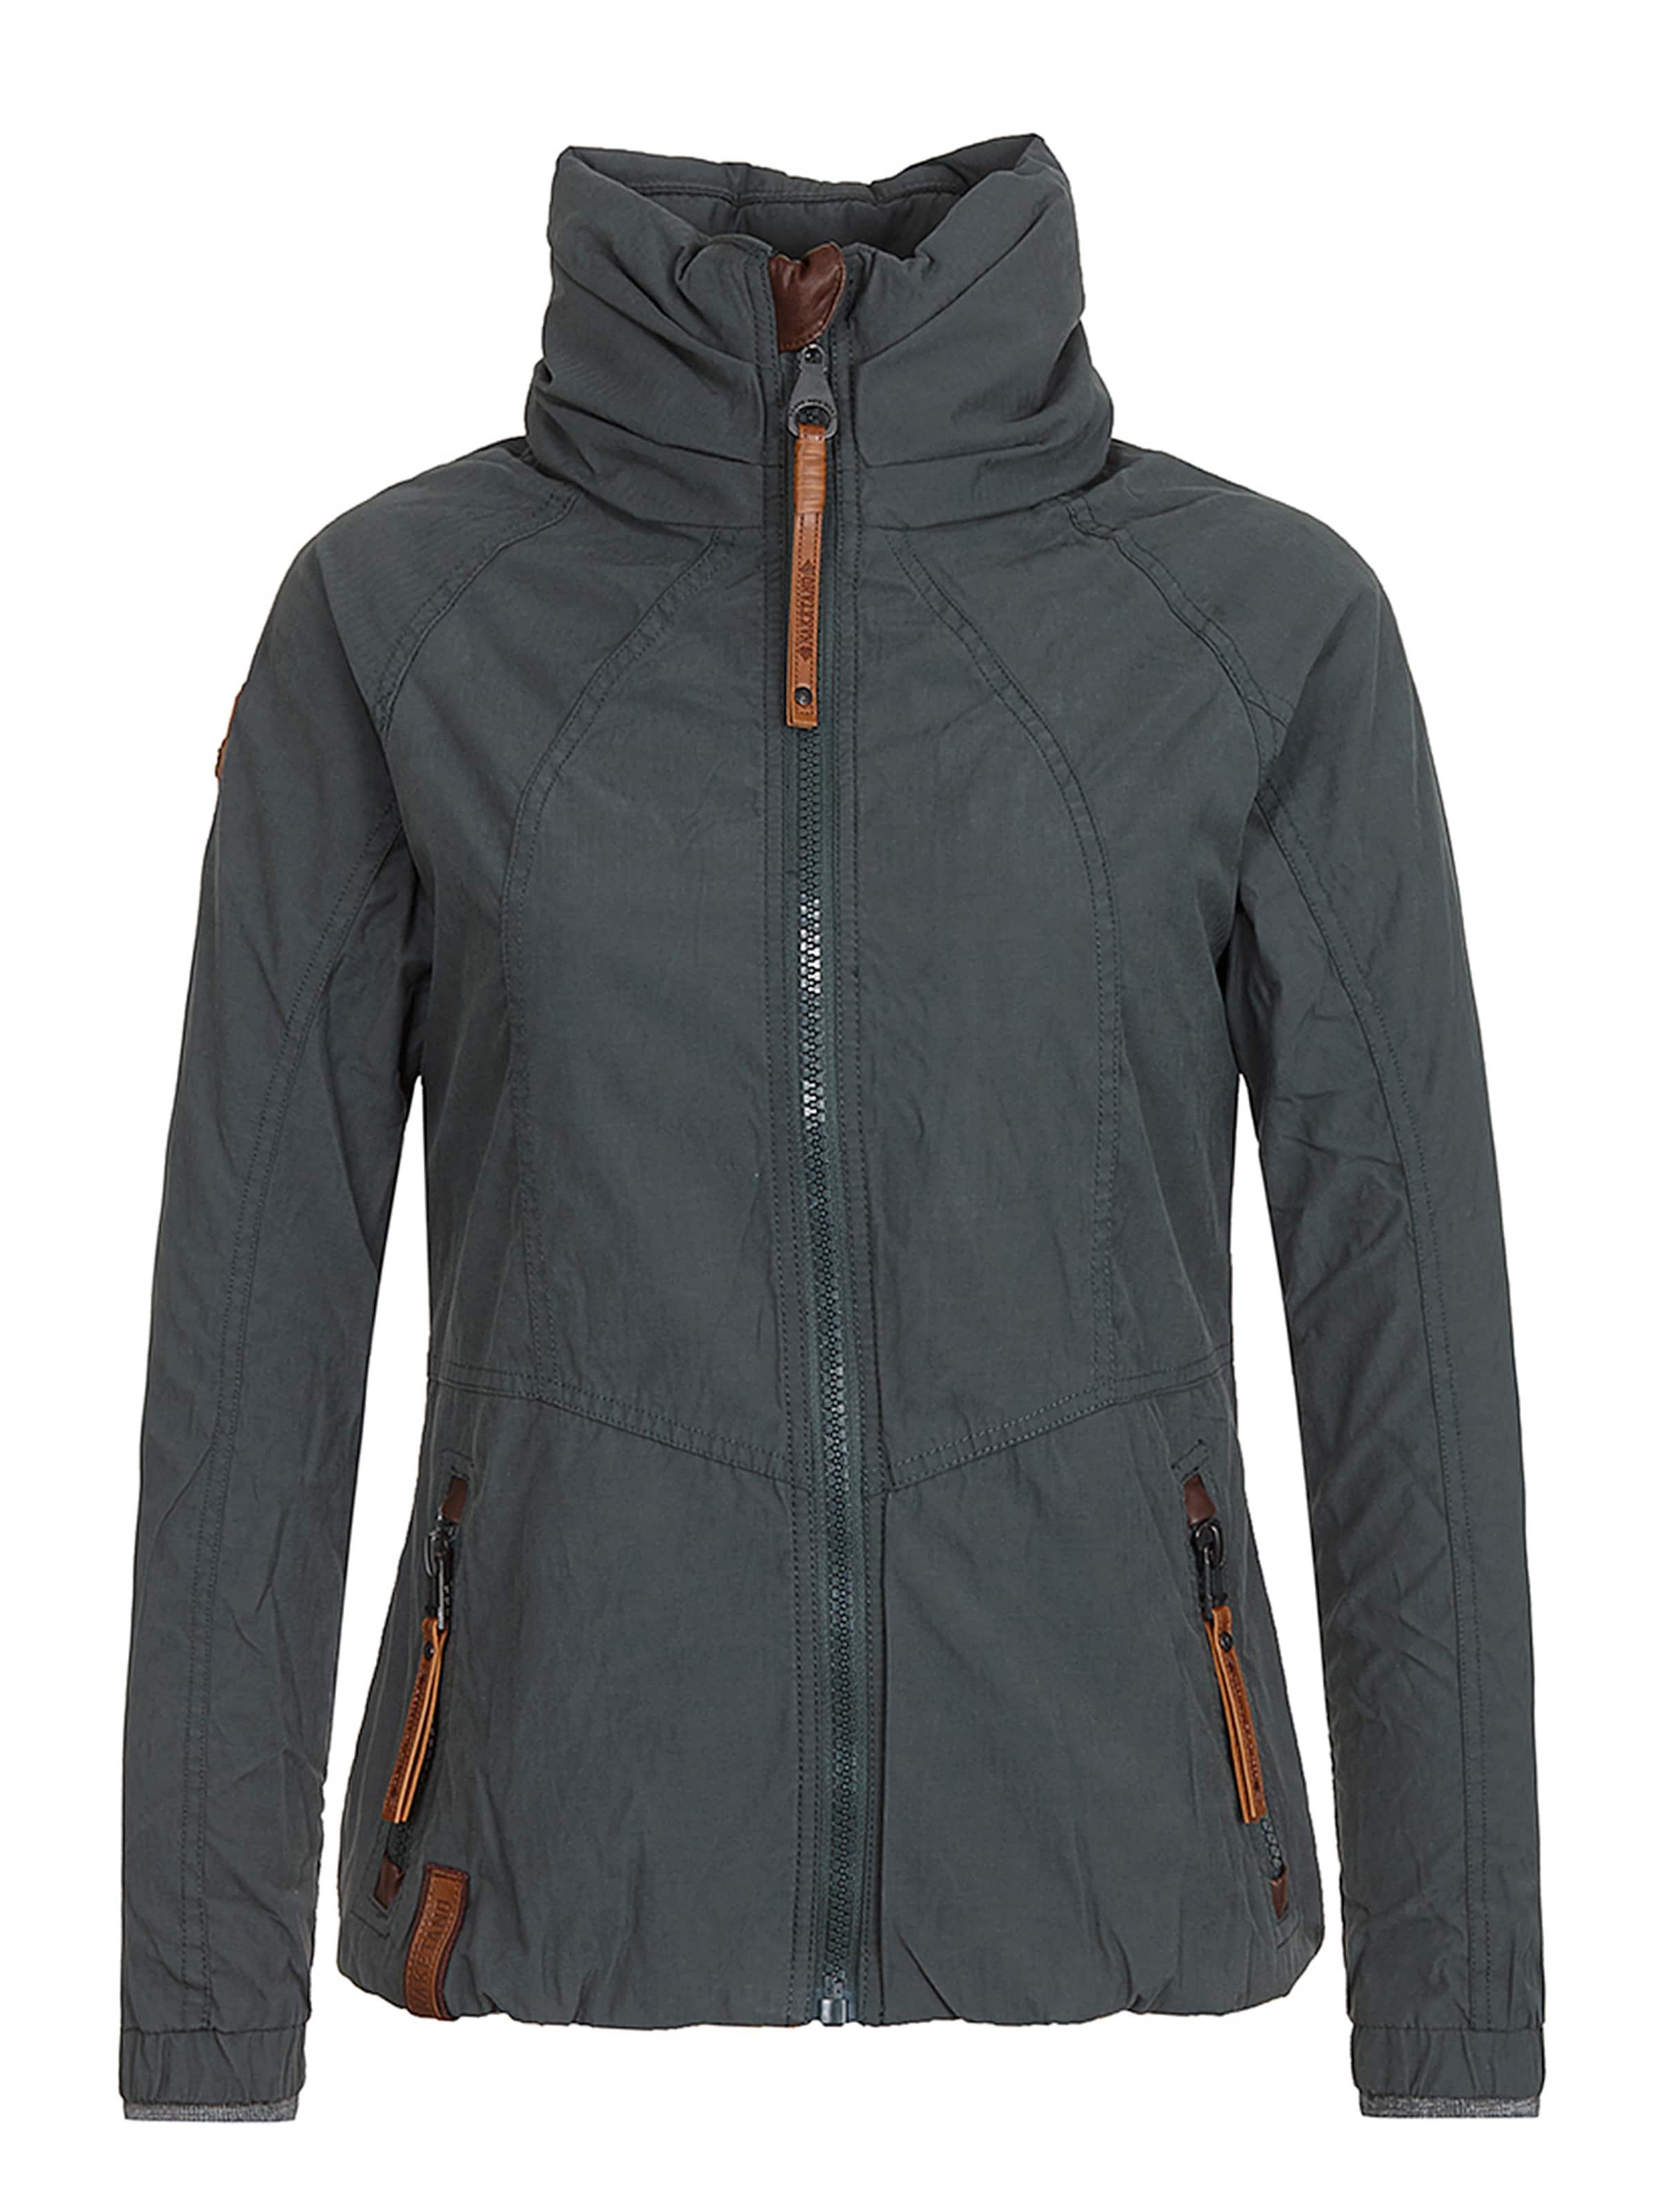 Naketano 'klatschen Jacke So' In Und Dunkelgr��n 34AjL5Rq